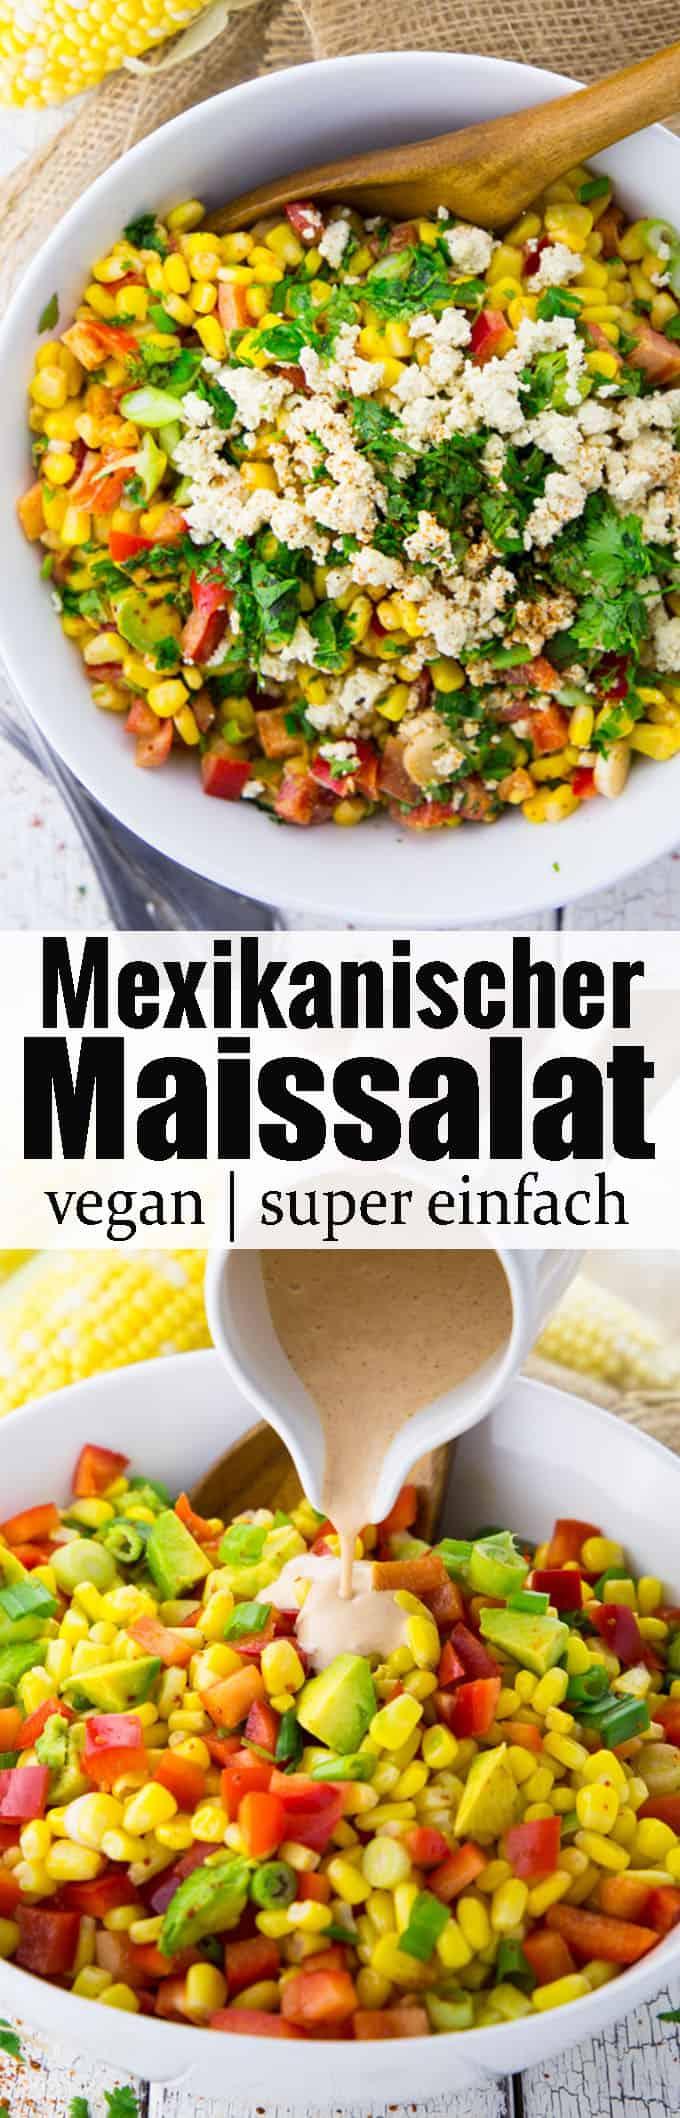 Dieser mexikanische Maissalat mit Chipotle Dressing ist perfekt für das nächste Grillfest! Eines meiner liebsten Grillrezepte bzw. Grillbeilagen. Er ist angenehm scharf und sehr einfach zuzubereiten. Außerdem ist er komplett vegan und glutenfrei.